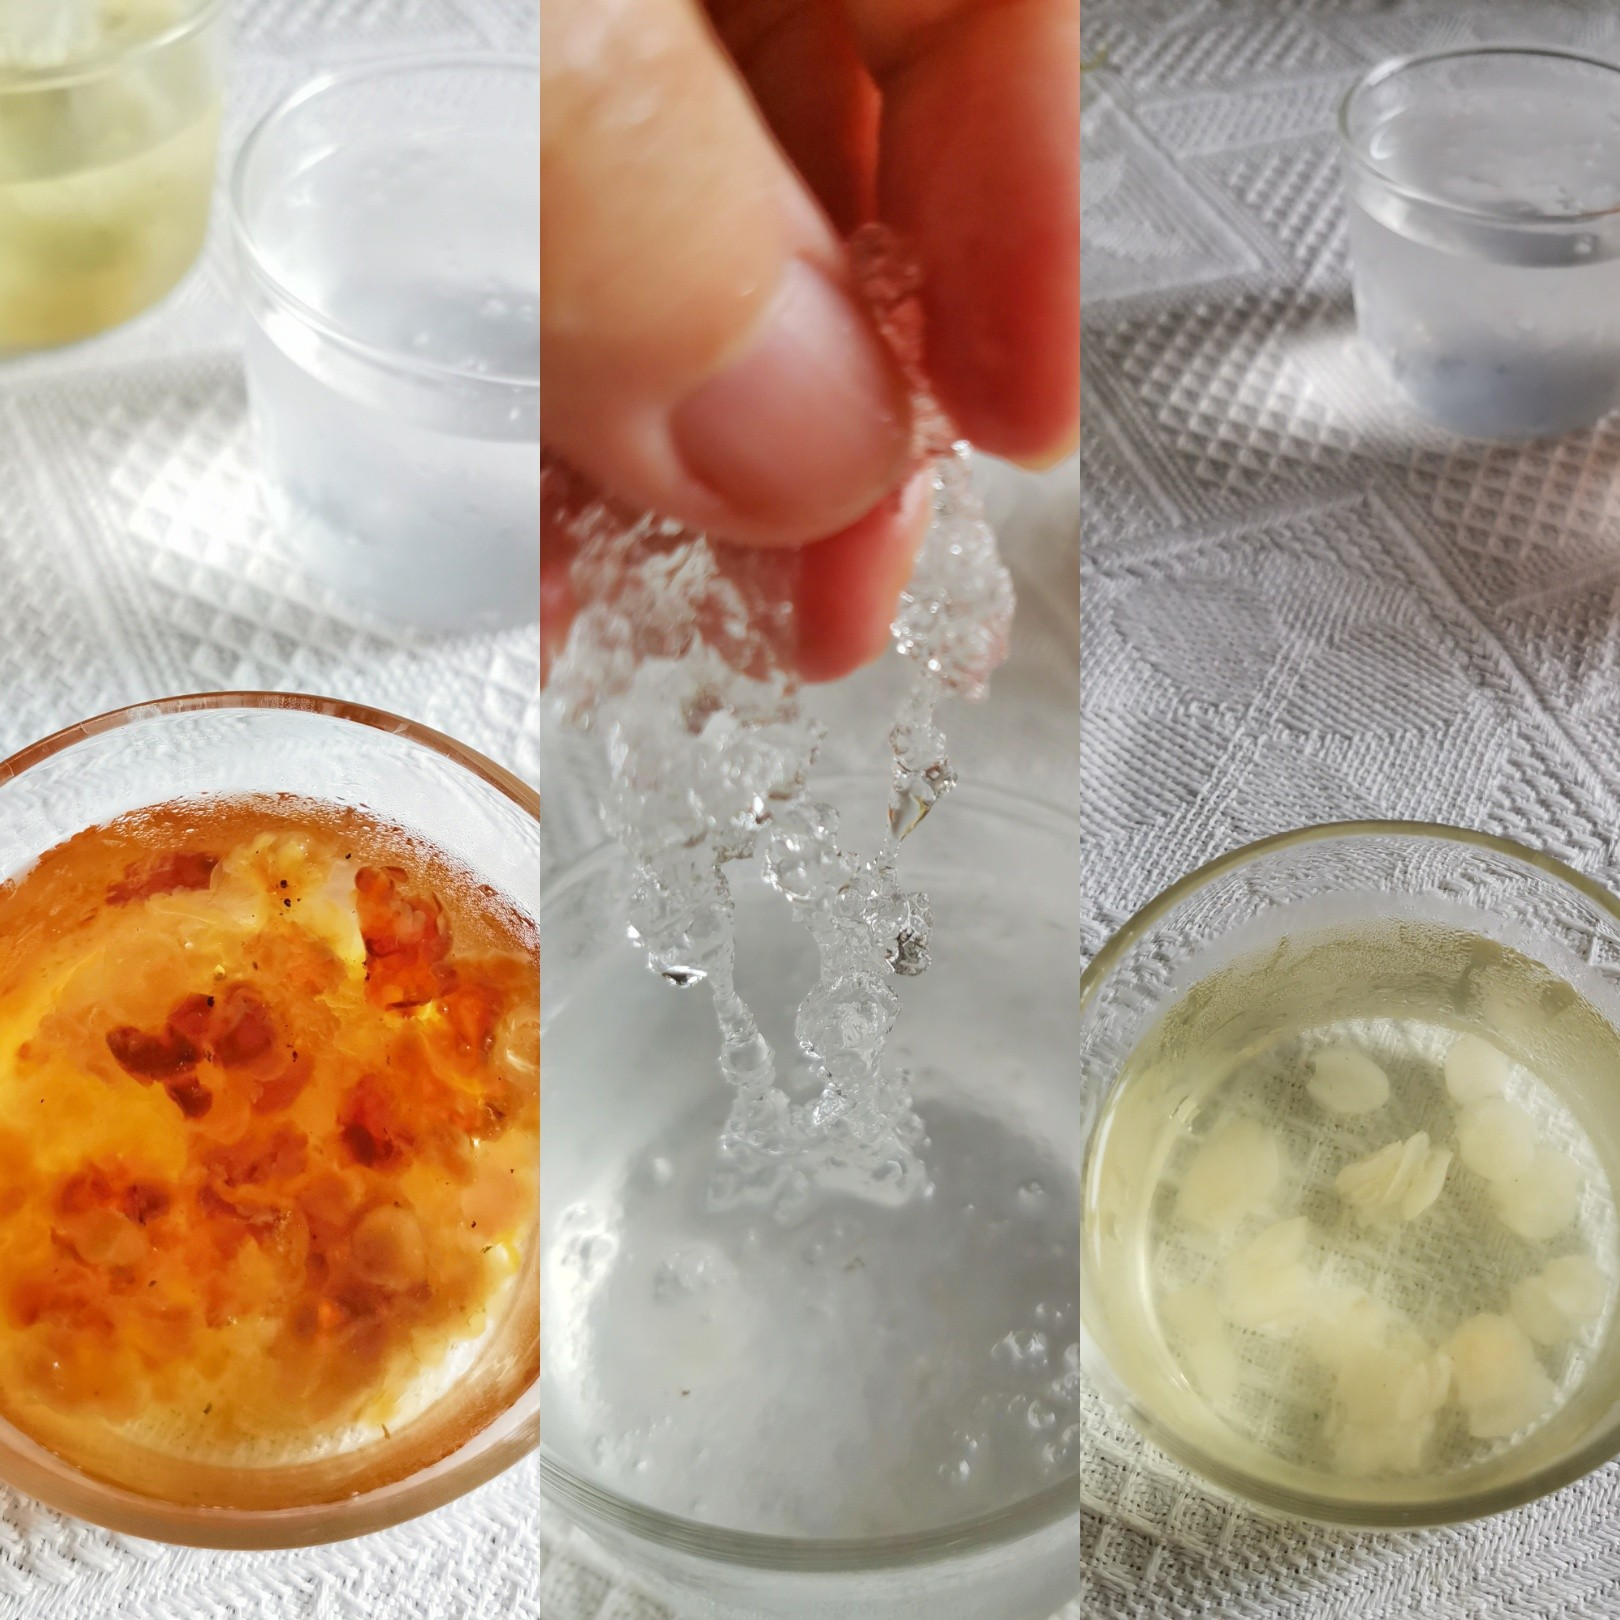 吃一碗相当于敷30张面膜的美味桃胶皂角米雪燕羹的步骤